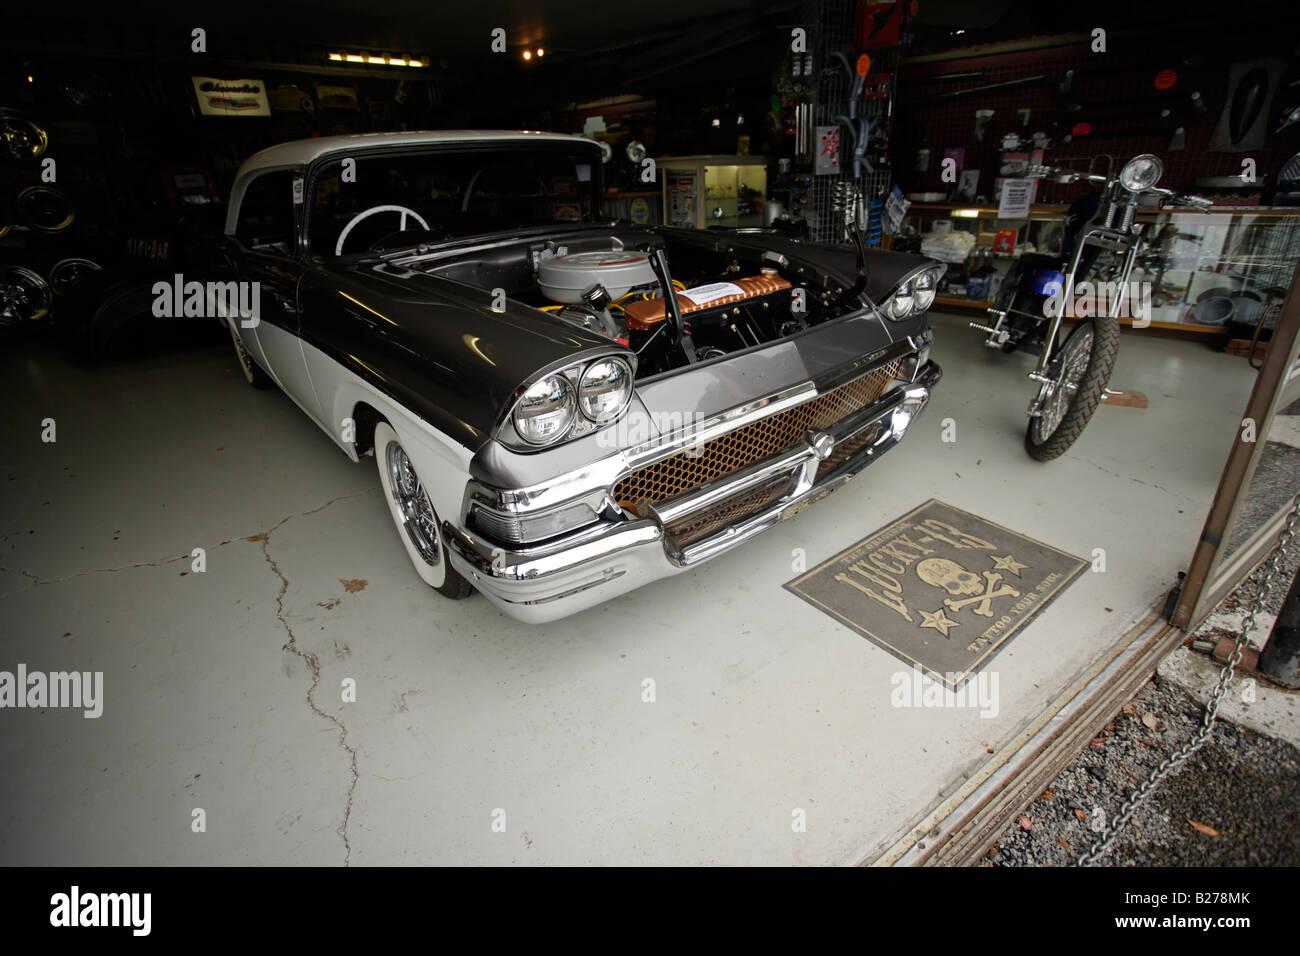 vintage garage stockfotos vintage garage bilder alamy. Black Bedroom Furniture Sets. Home Design Ideas